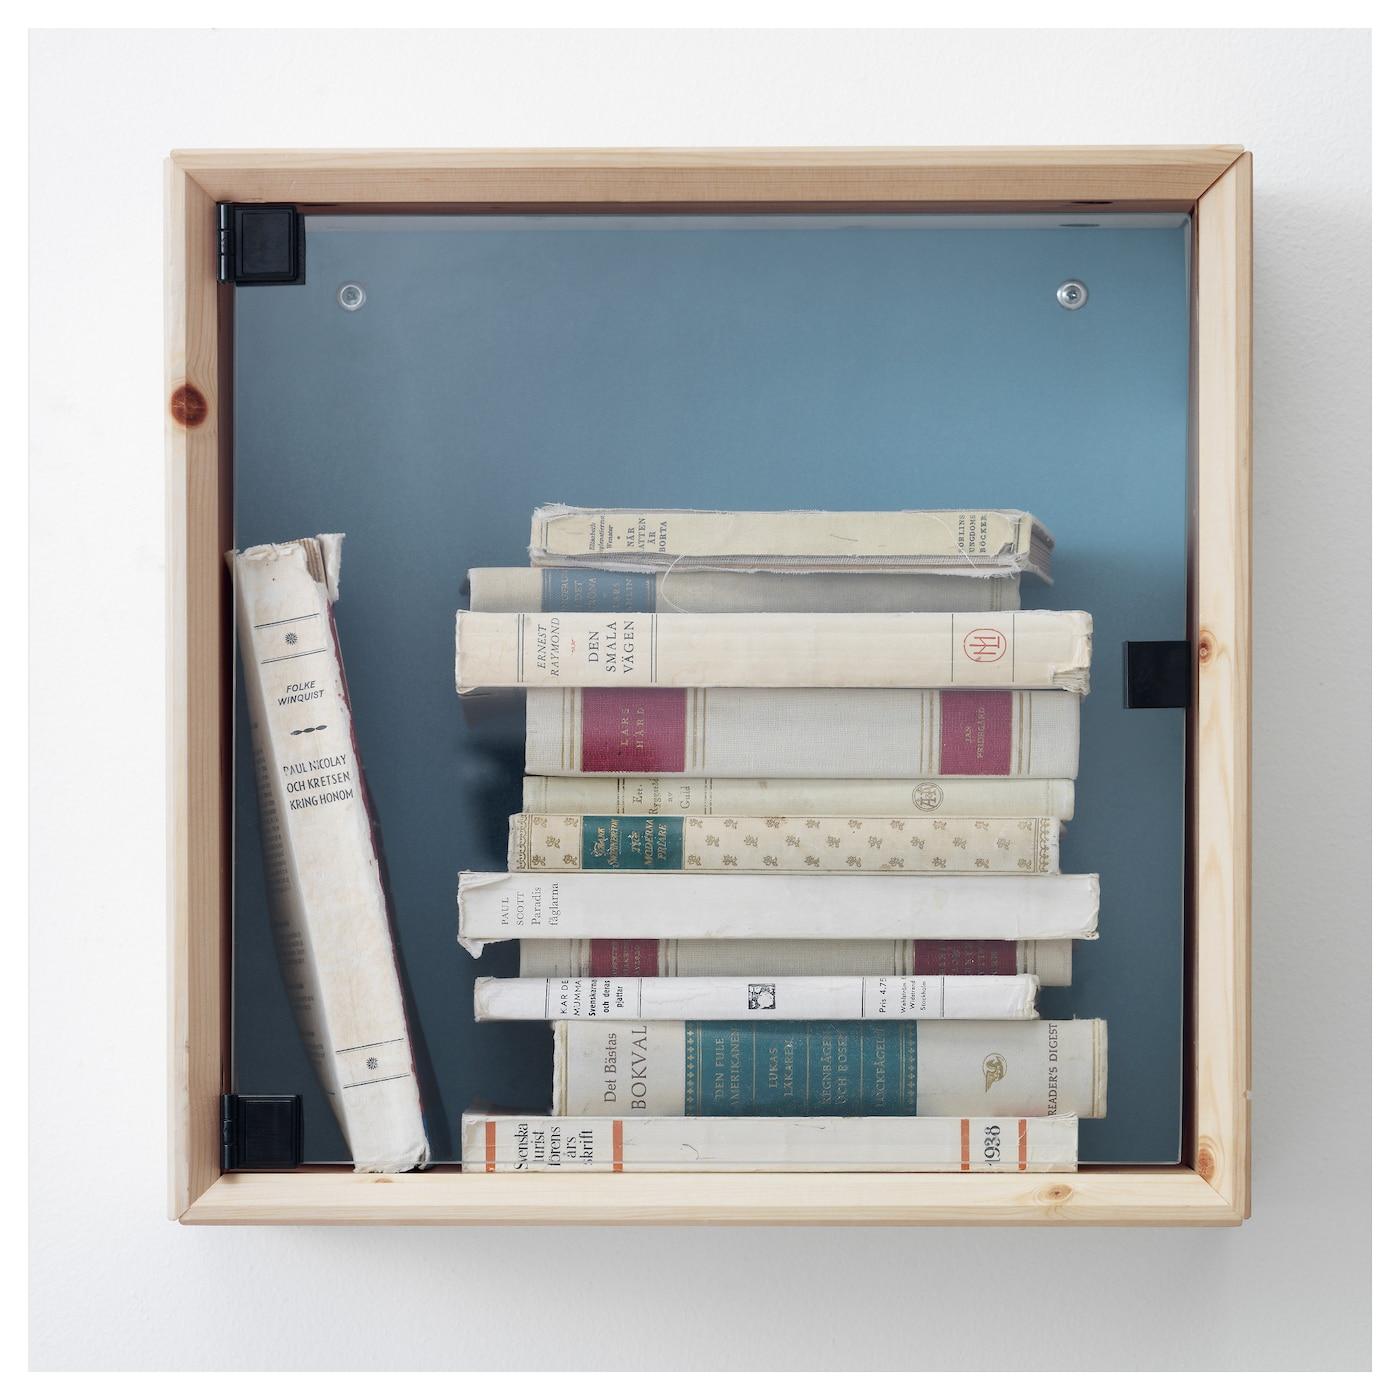 Ikea Pax Schrank Gebraucht Kaufen ~ NORNÄS Glass door wall cabinet Pine grey blue 37×37 cm  IKEA